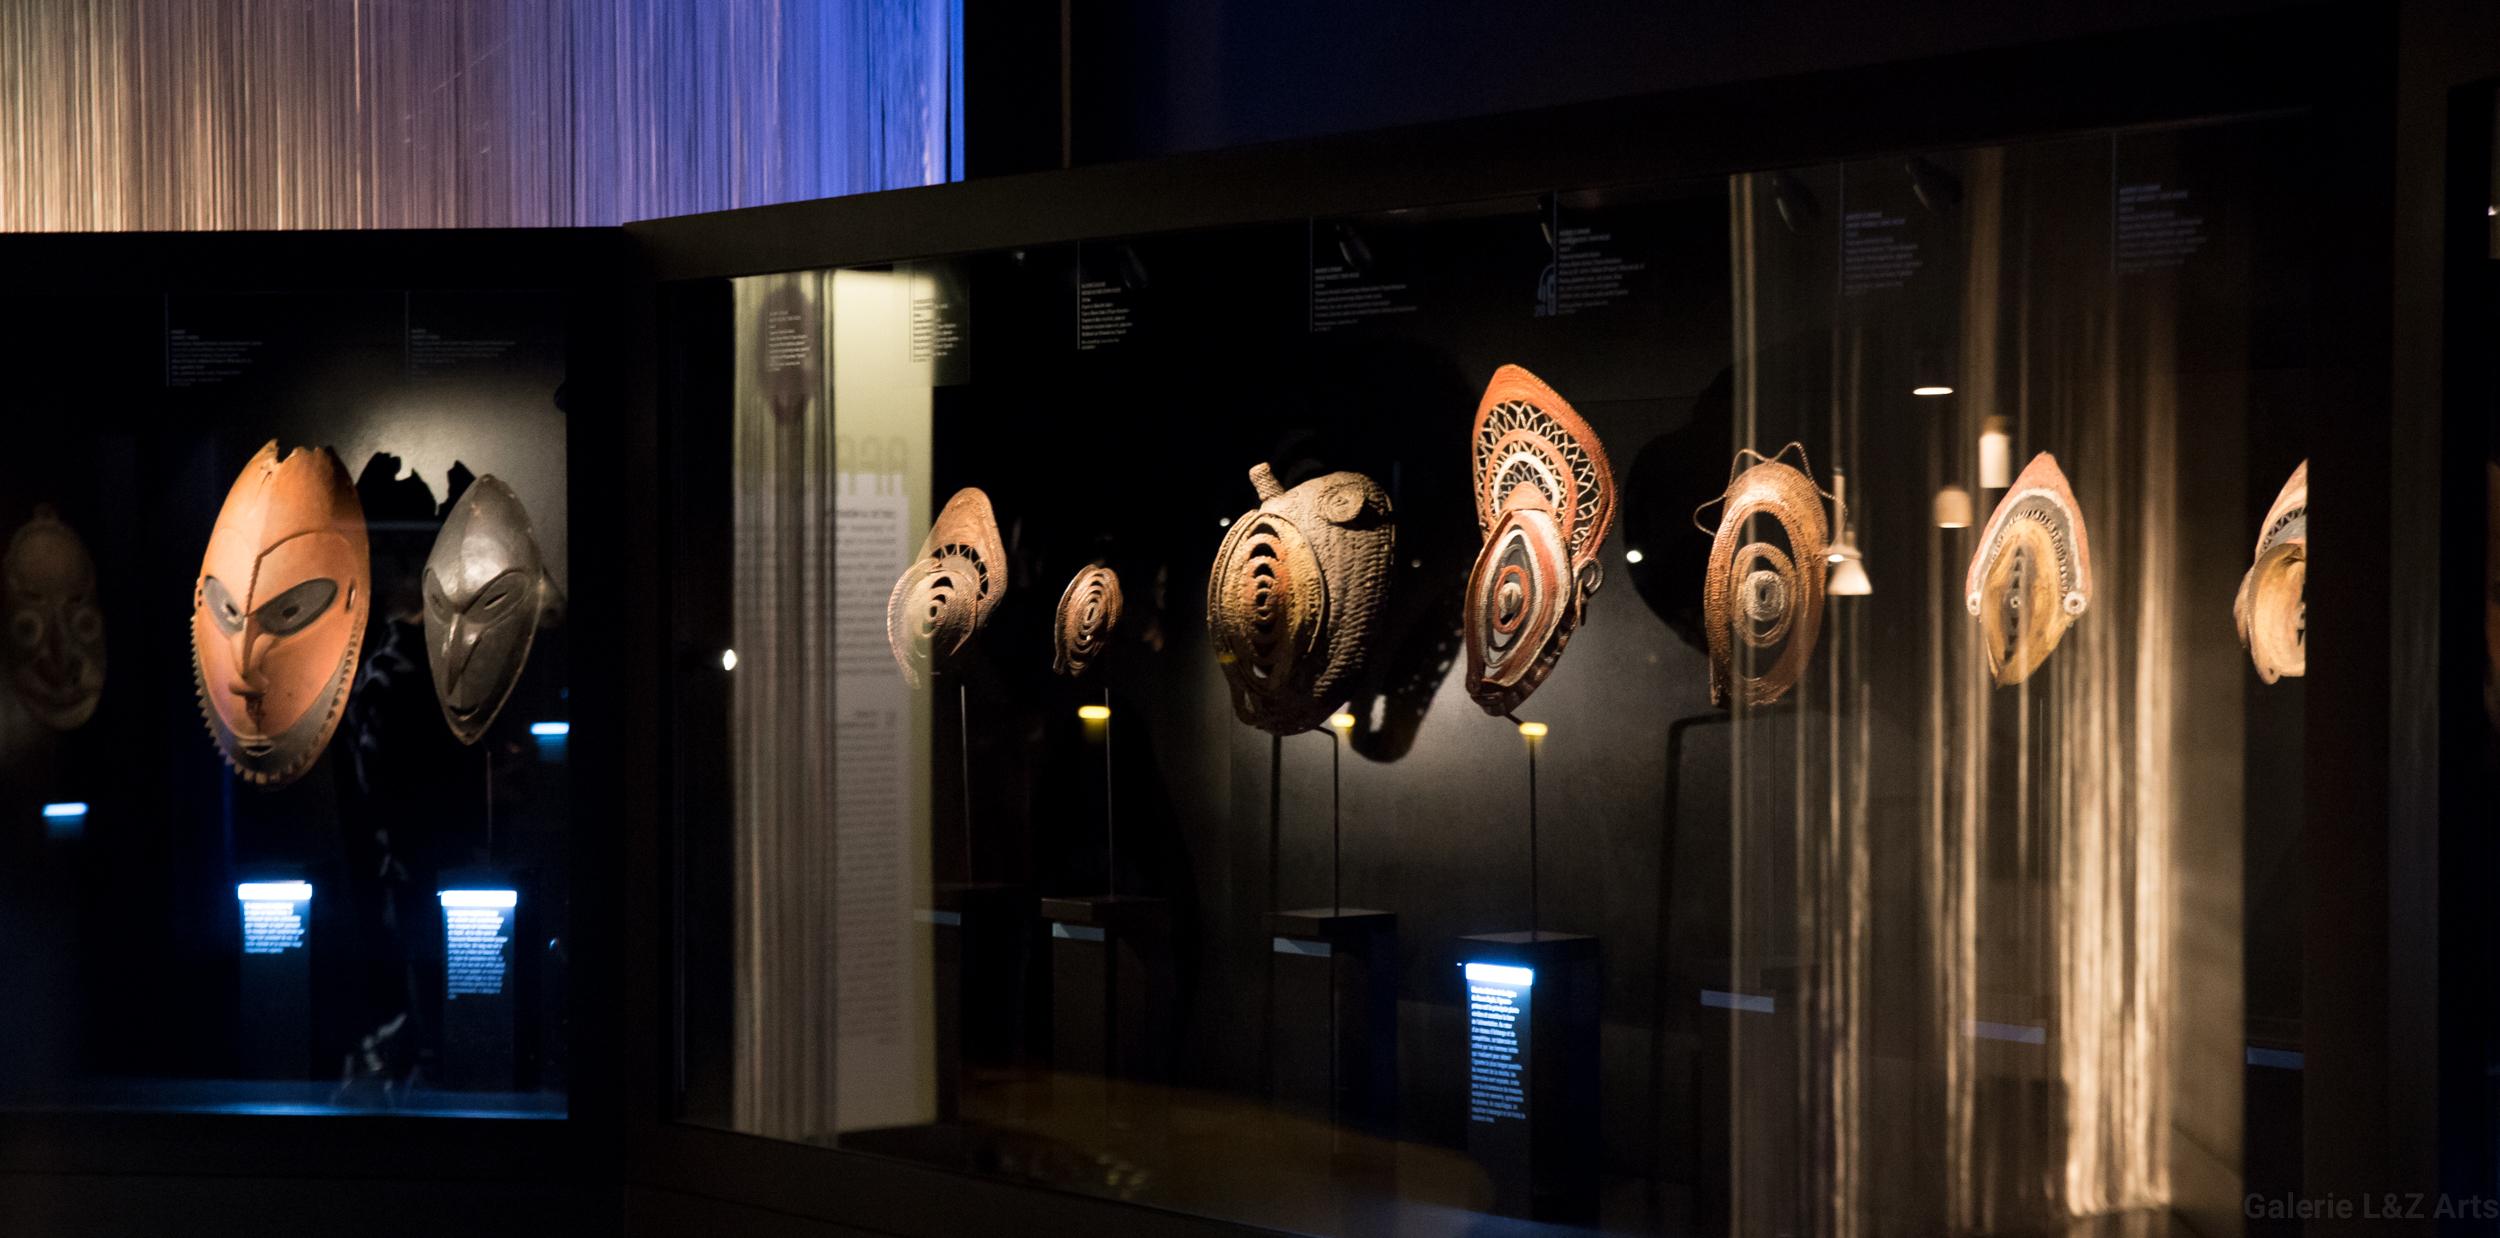 exposition-masque-art-tribal-africain-musee-quai-branly-belgique-galerie-lz-arts-liege-cite-miroir-oceanie-asie-japon-amerique-art-premier-nepal-0-3.jpg